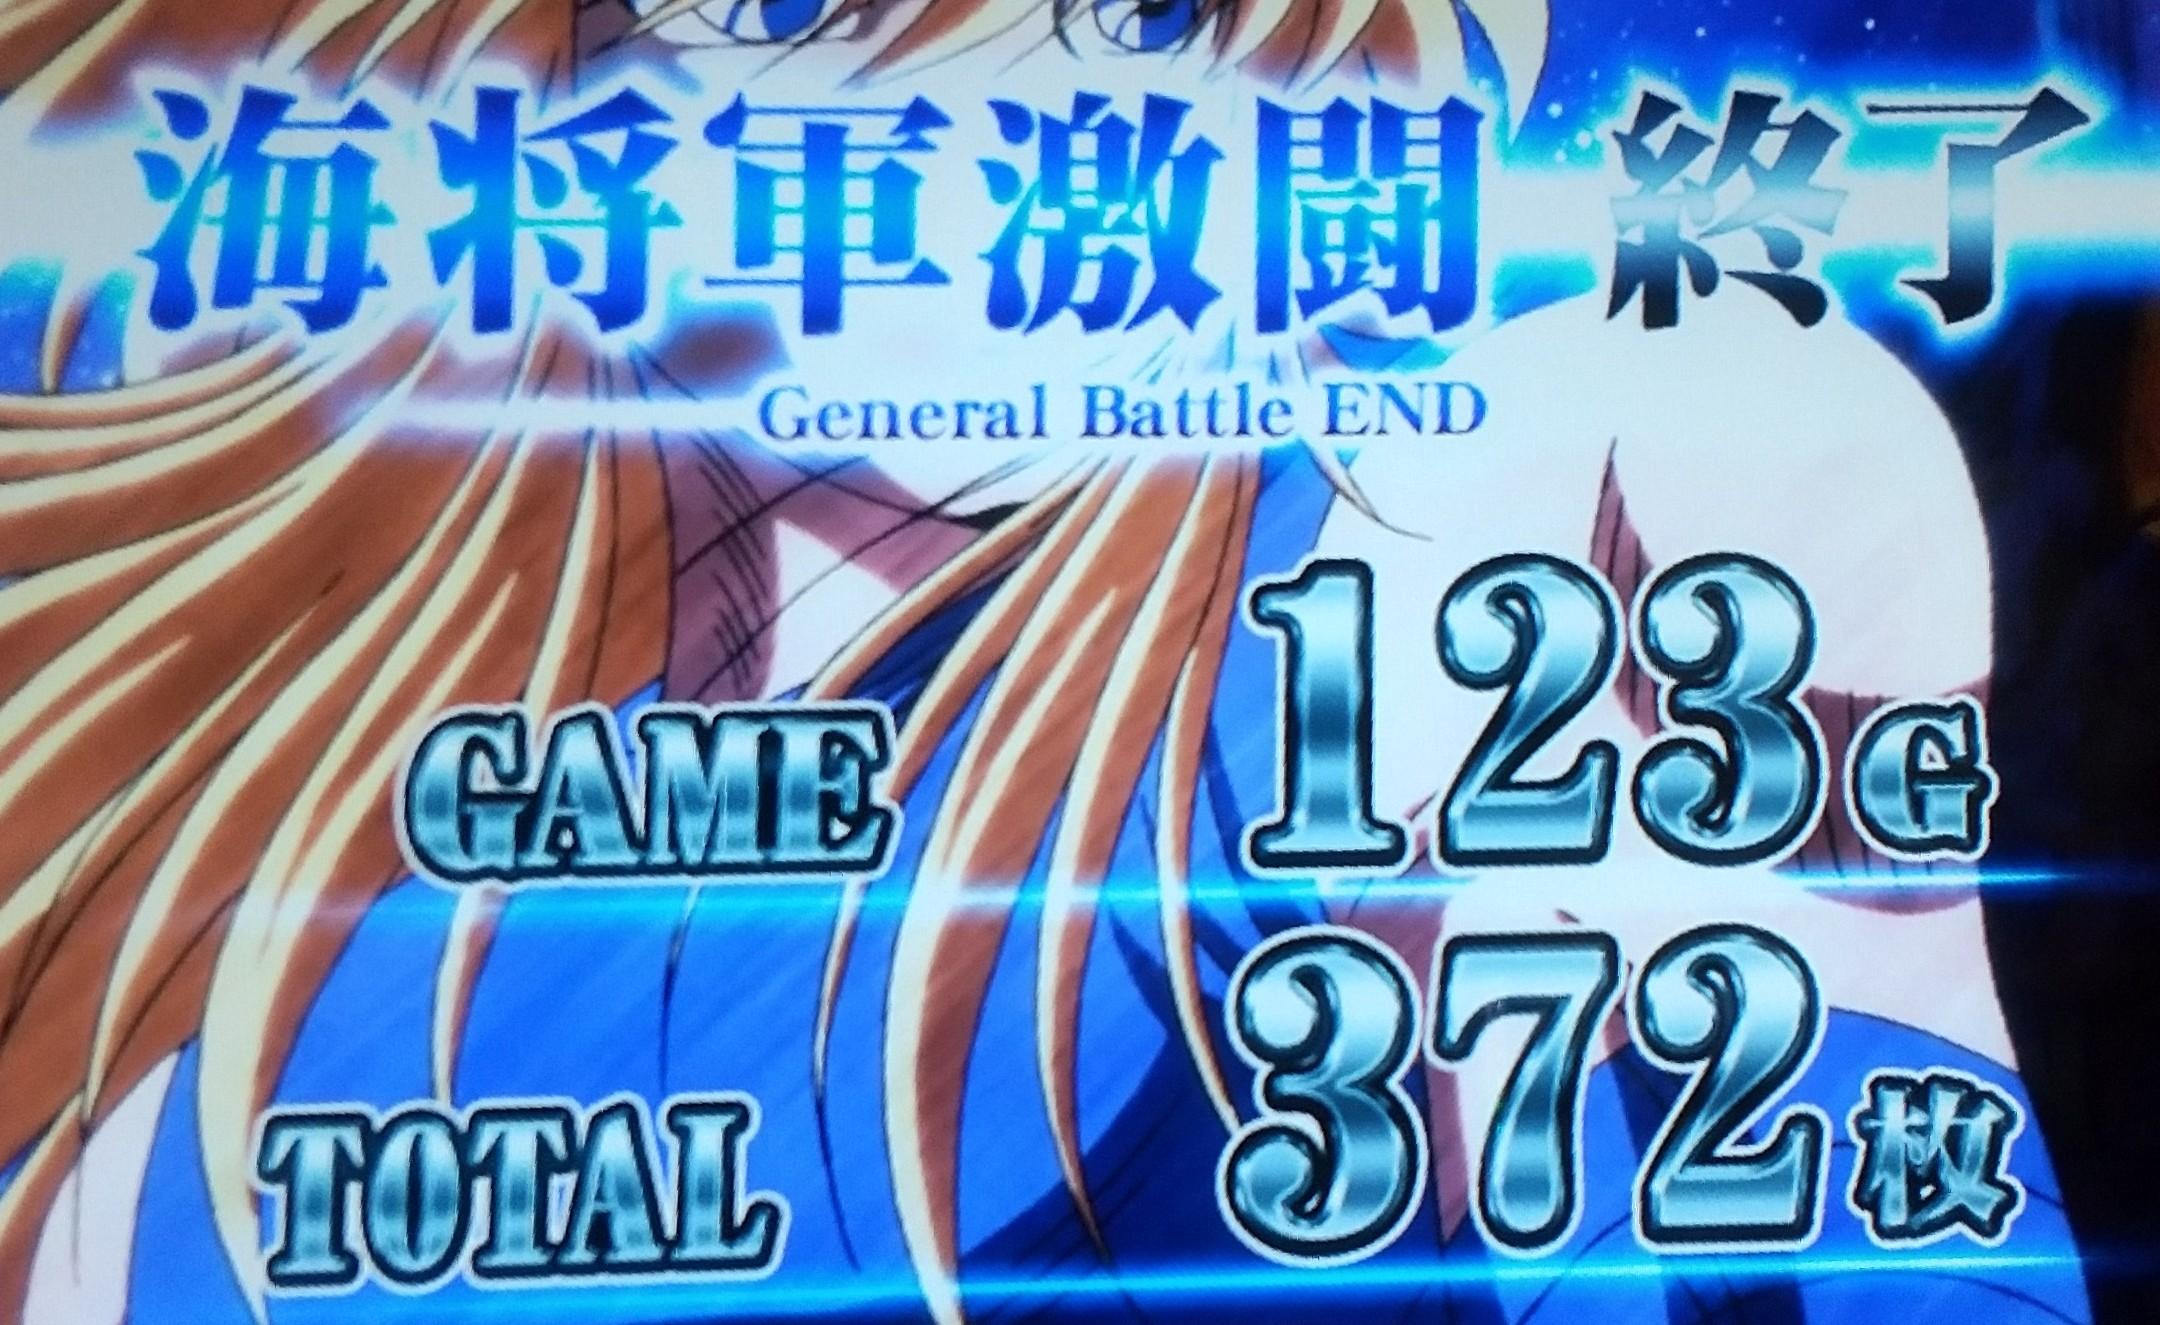 聖闘士星矢海皇覚醒でSP準備モードと思って打ち続けたら通常モード…。他にもちょろっと打ってクソ負けました(泣)